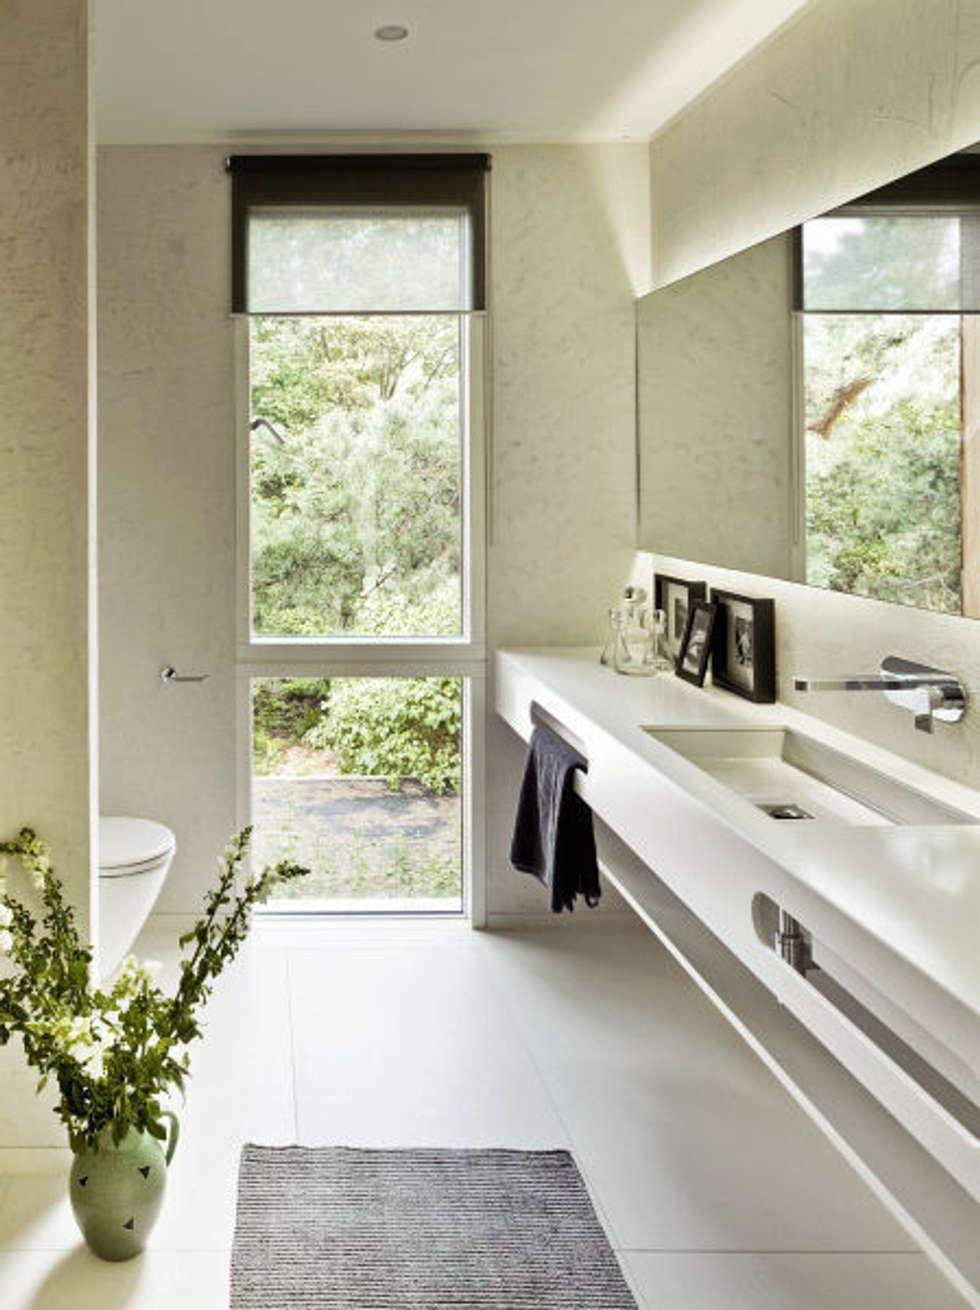 wohnideen interior design einrichtungsideen bilder homify. Black Bedroom Furniture Sets. Home Design Ideas